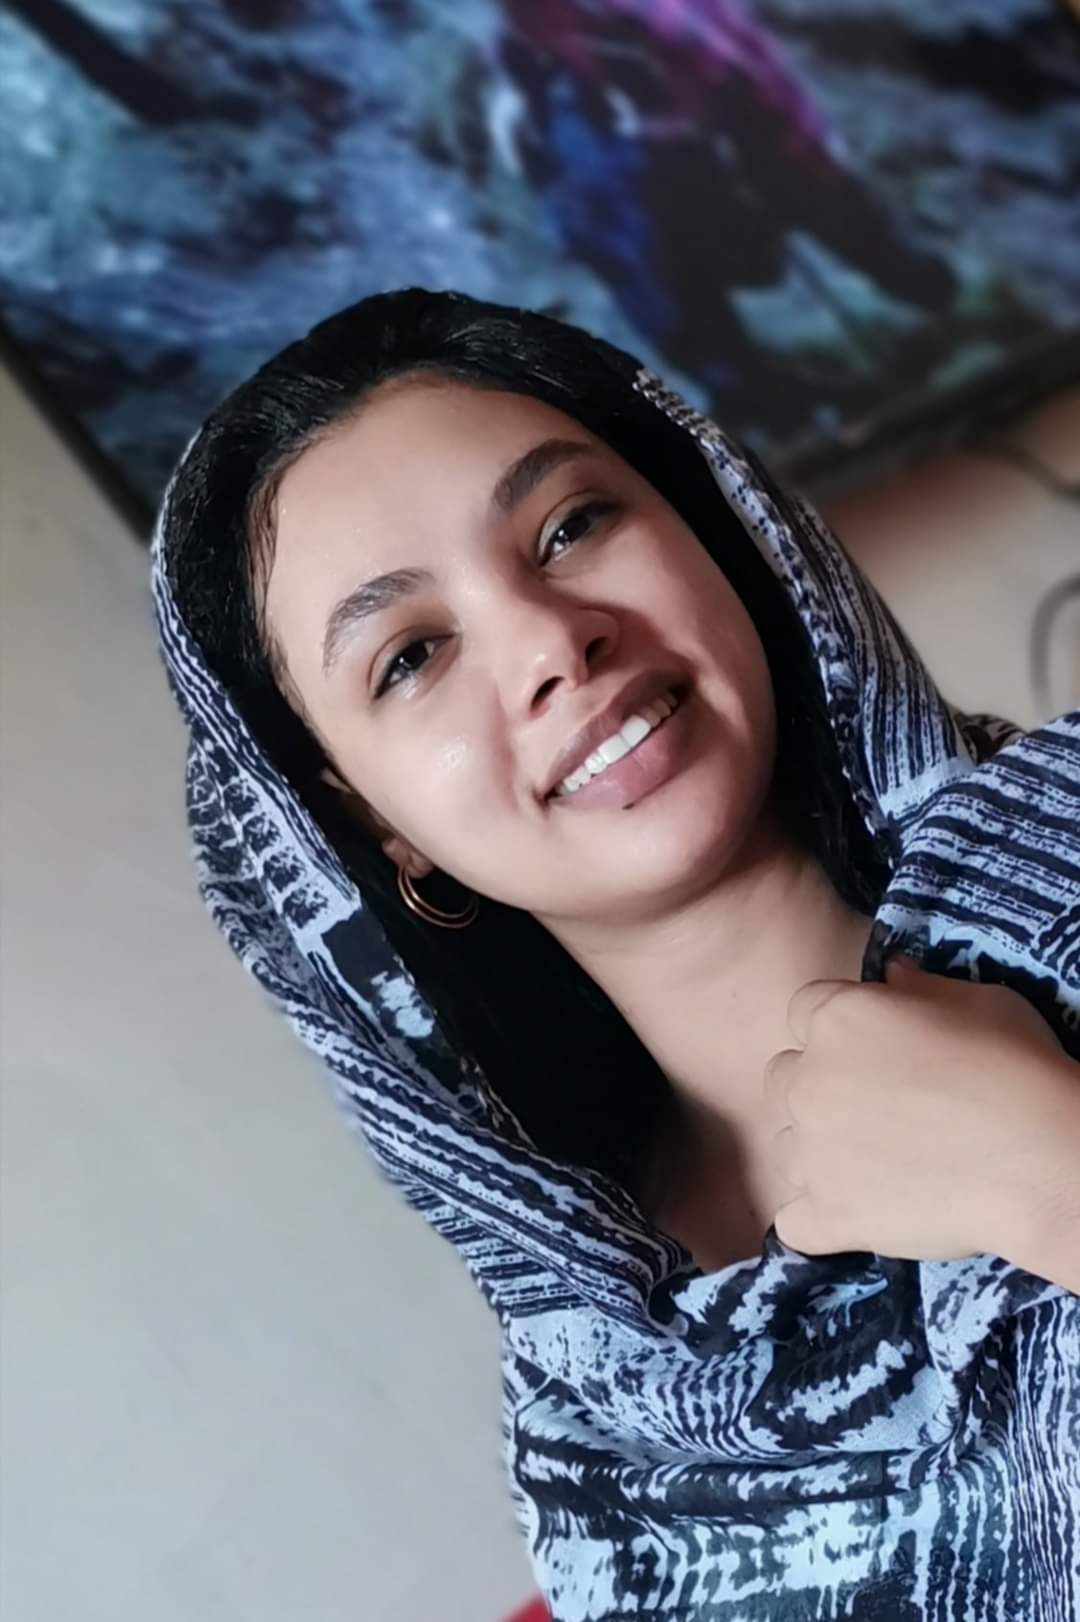 هاشتاق (وشك بدون مكياج) ريان الظاهر: (دايرين نكشف ليكم بعض الغش) – صحيفة  السوداني